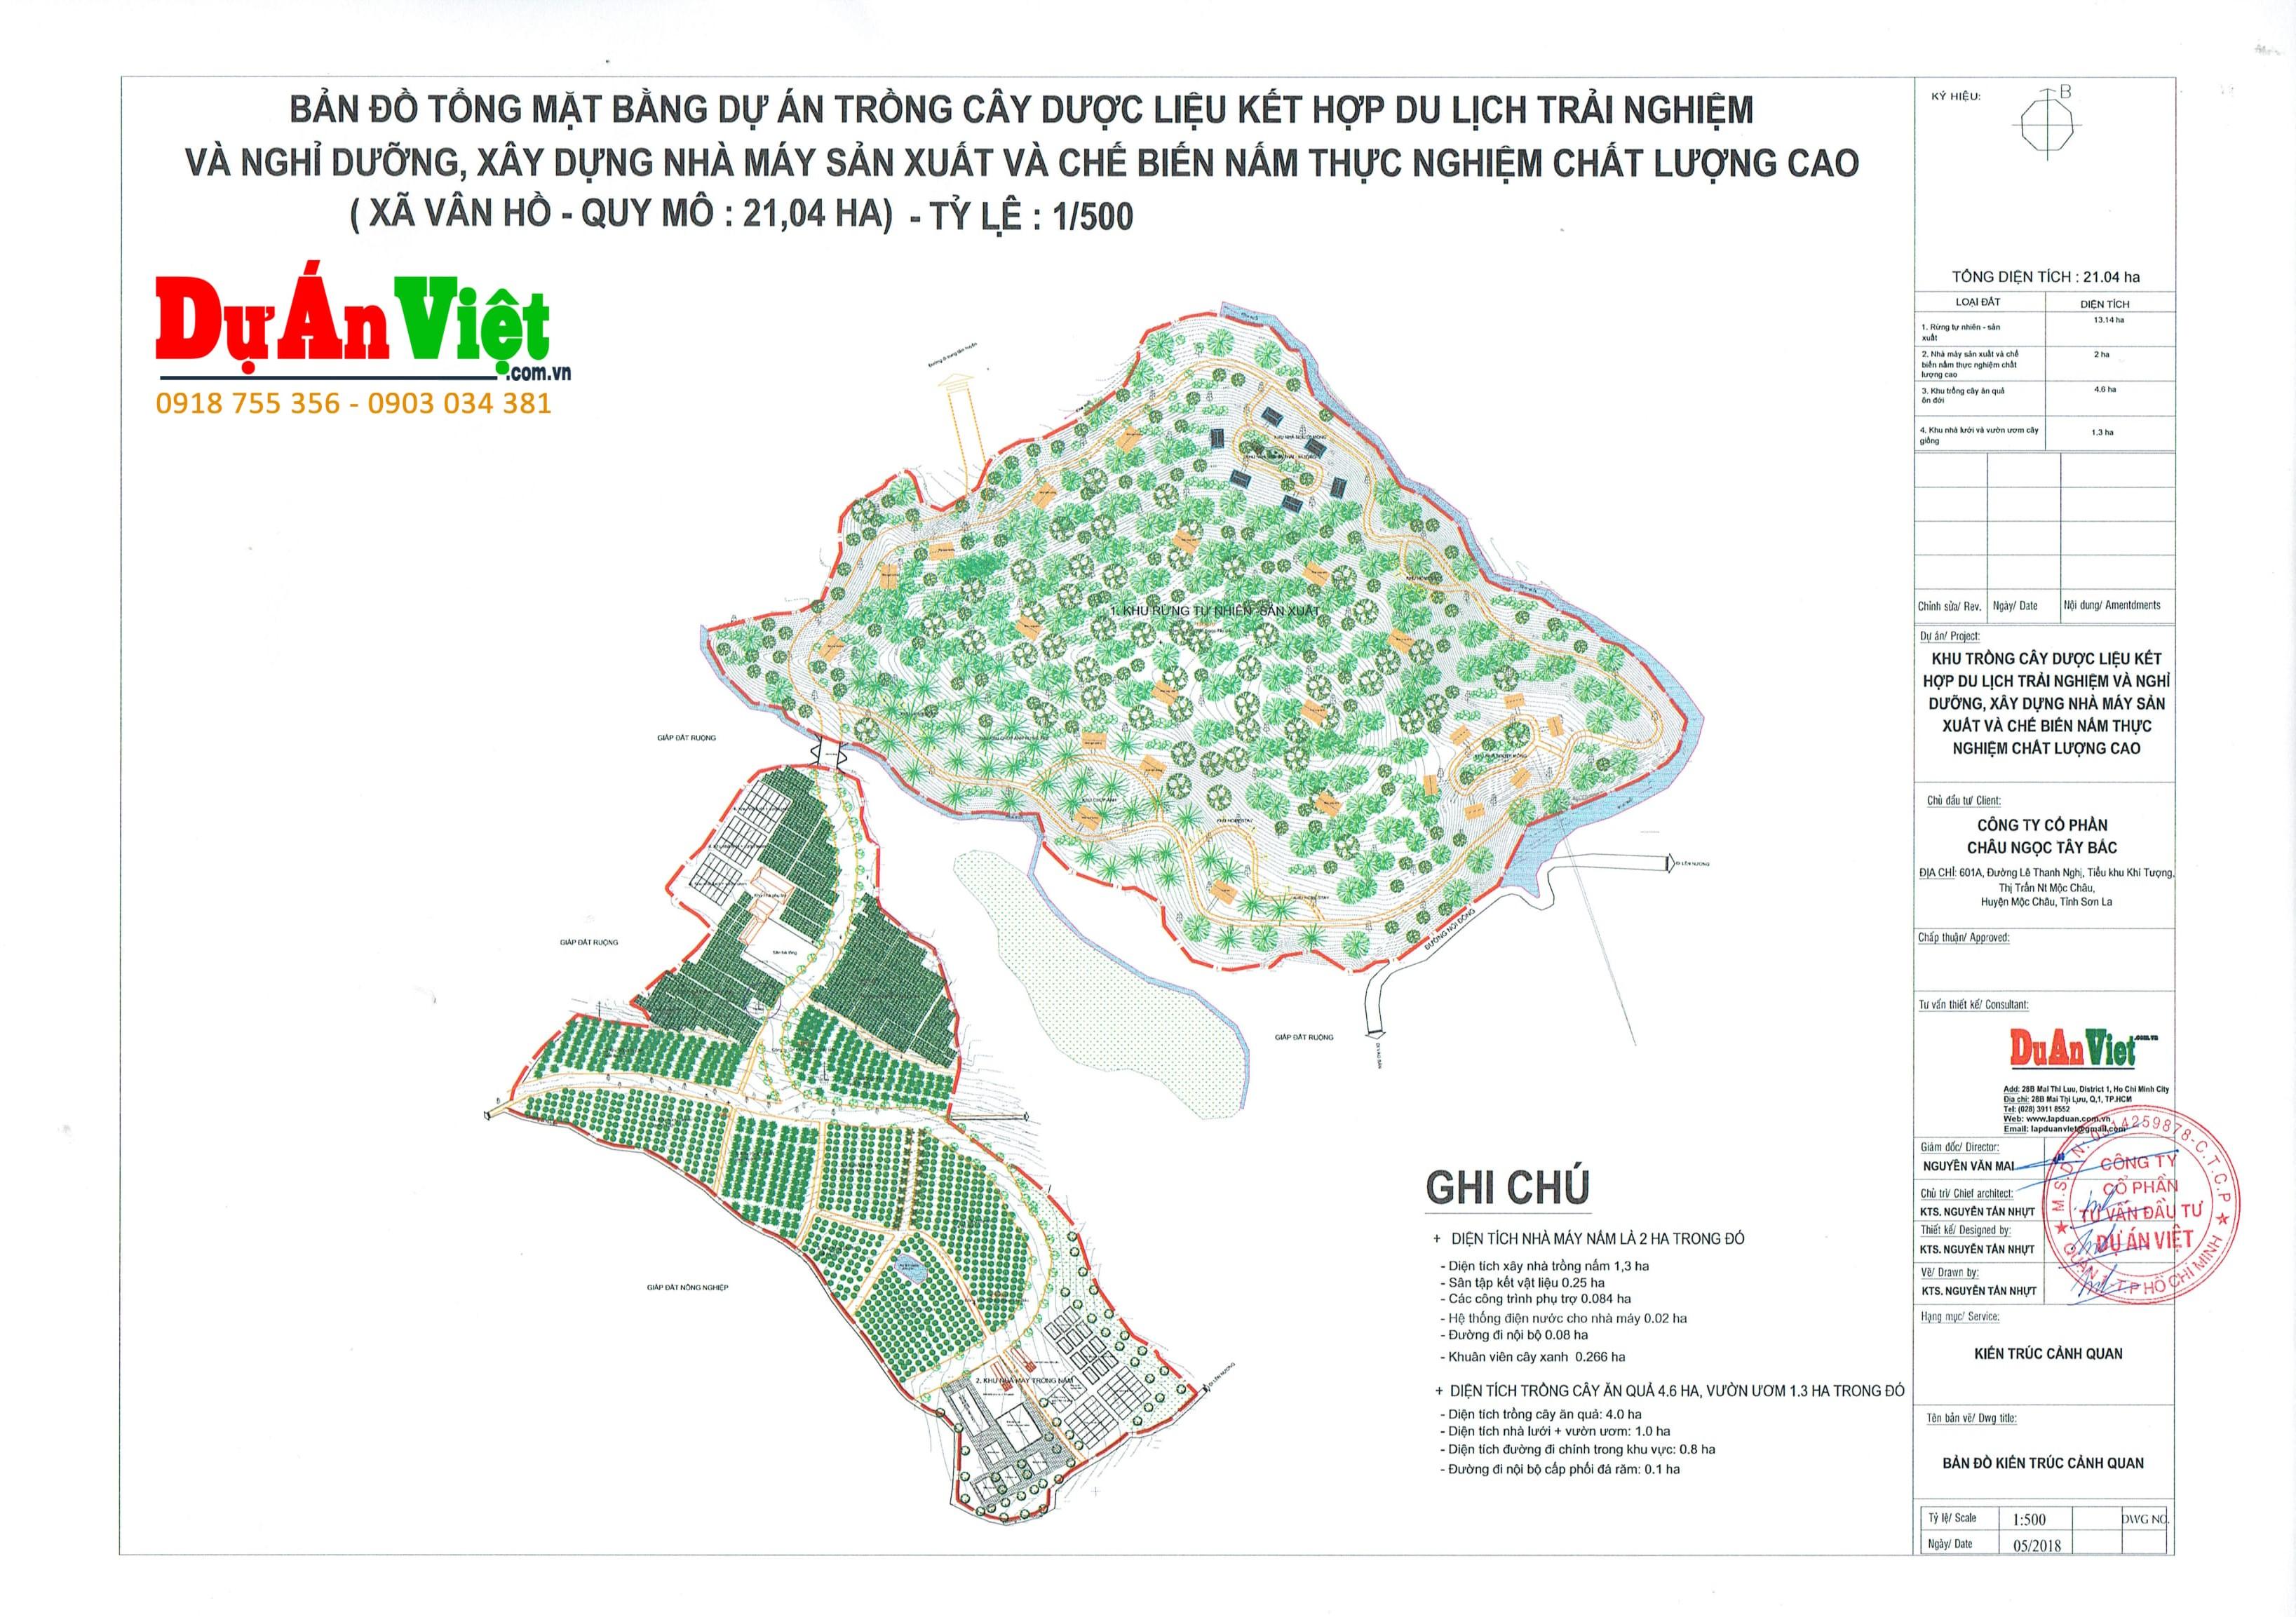 Thiết kế quy hoạch: Tổng thể mặt bằng Dự án trồng cây dược liệu kết hợp Du lịch tỉnh Sơn La